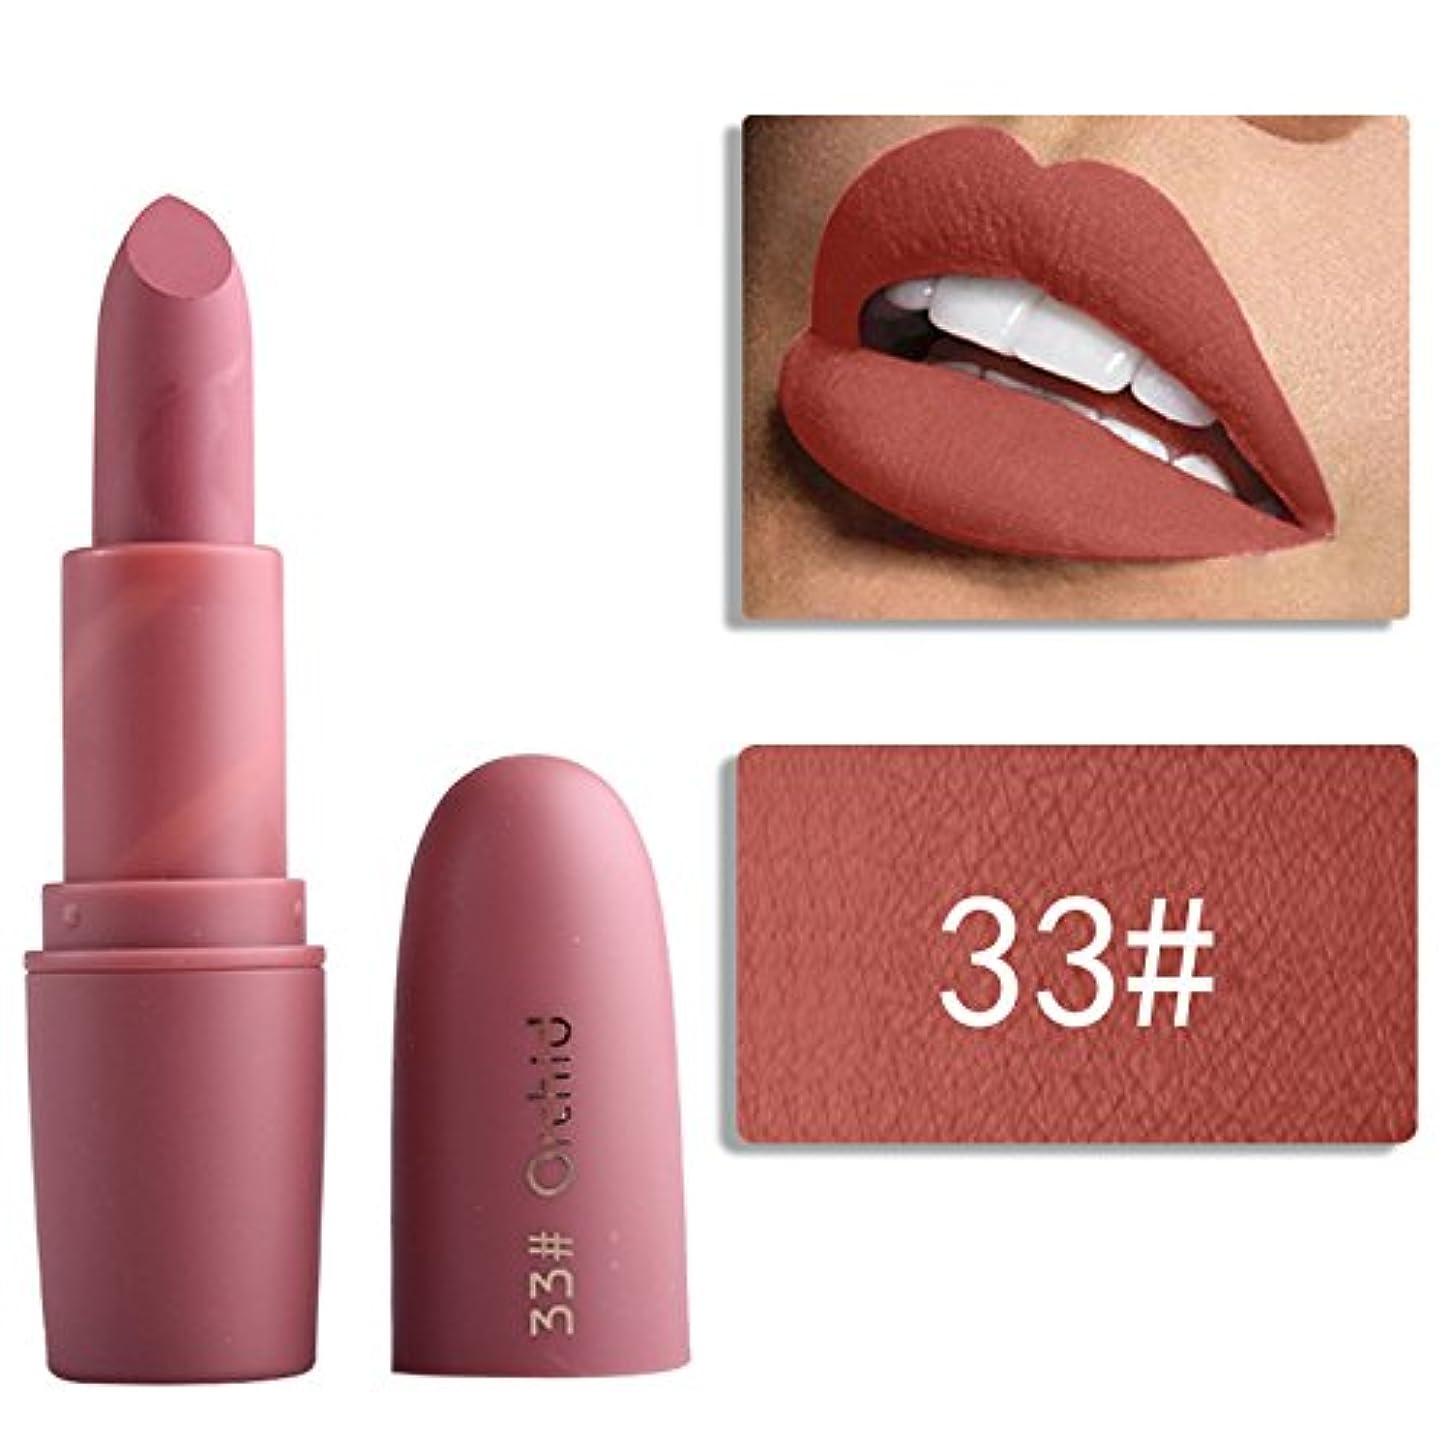 川ペレット適用済みMiss Rose Nude Lipstick 22 colors Waterproof Vampire Brown Beauty Baby Lips Batom Matte lipstick Makeup Tats Eugenie...